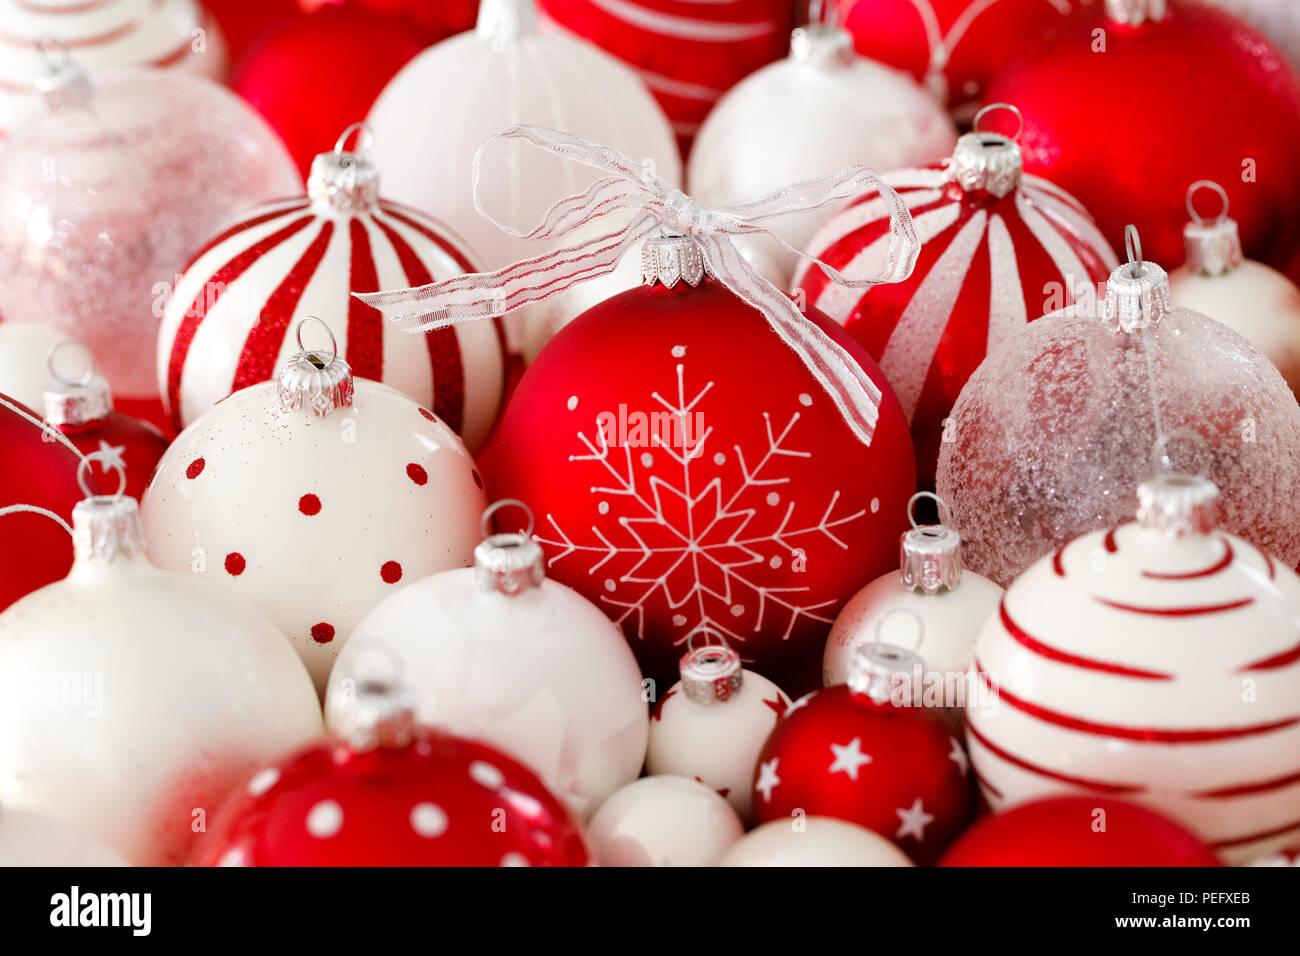 Schmuck Weihnachten.Christbaumschmuck Deko Dekoration Glas Kugel Kugeln Close Up